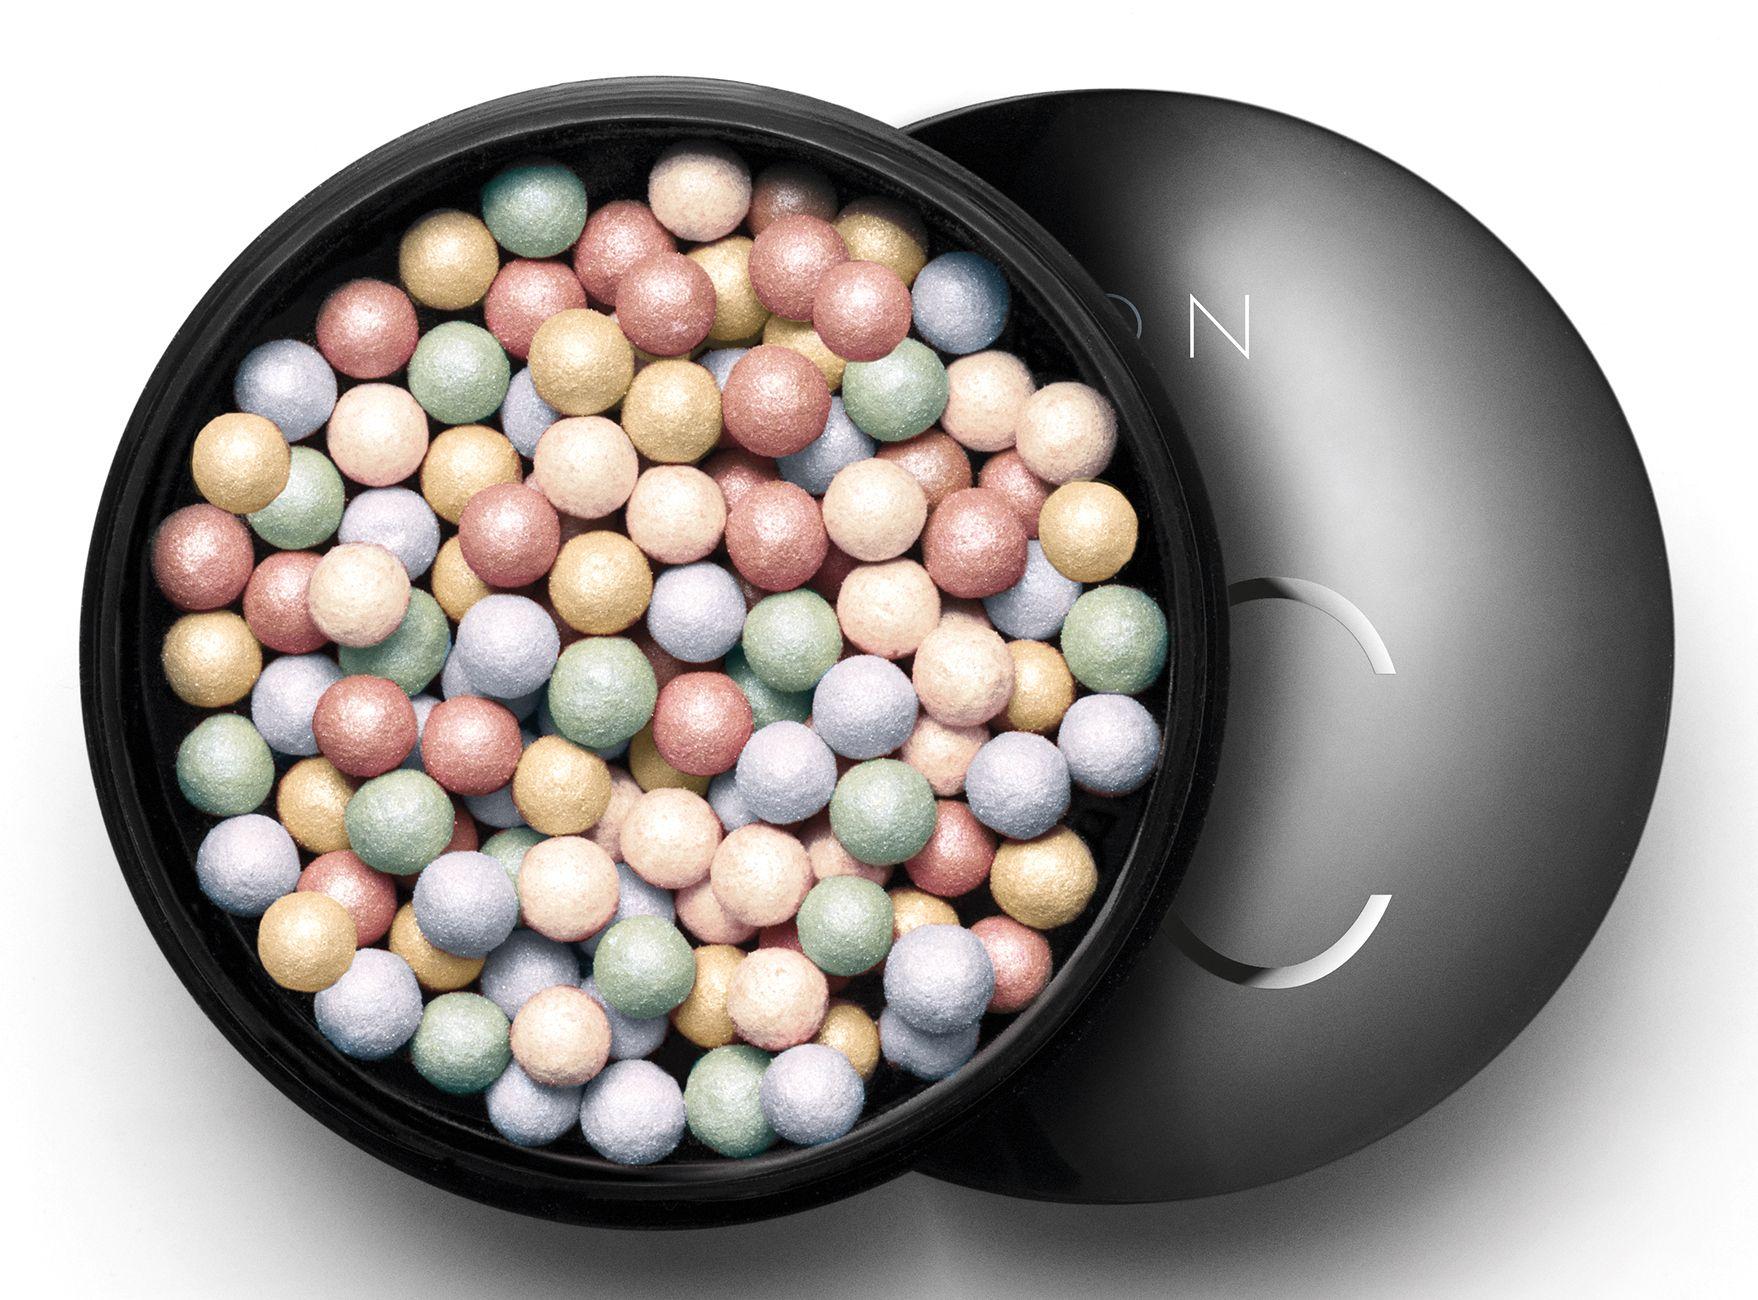 Что такое пудра шарики от эйвон 2 фотография